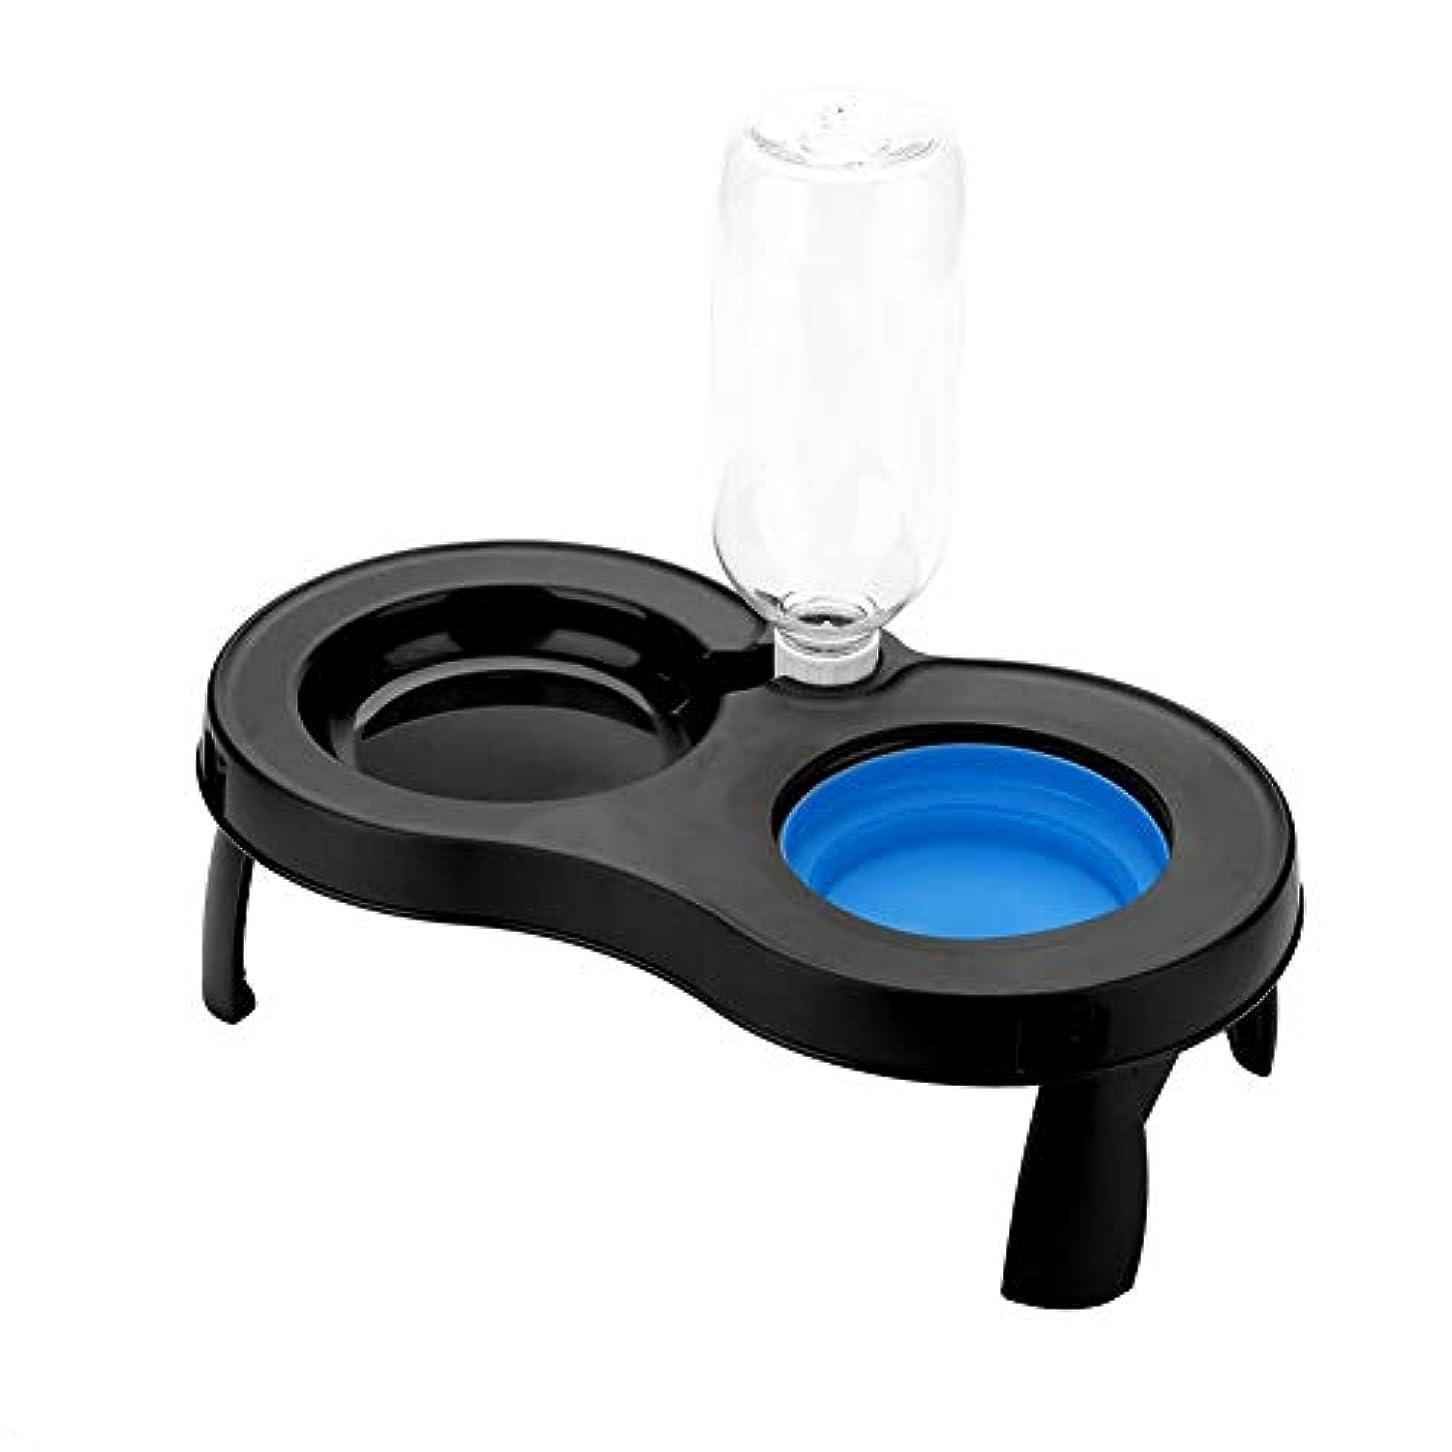 犬のボウル Acouto ペット 犬 猫 小動物 ダブル給餌ボウル ご飯入れ 食器 食事 台 プレミアム 安全 無毒 耐磨耗 耐久 清掃しやすい 餌やり 水やり(ブルー)